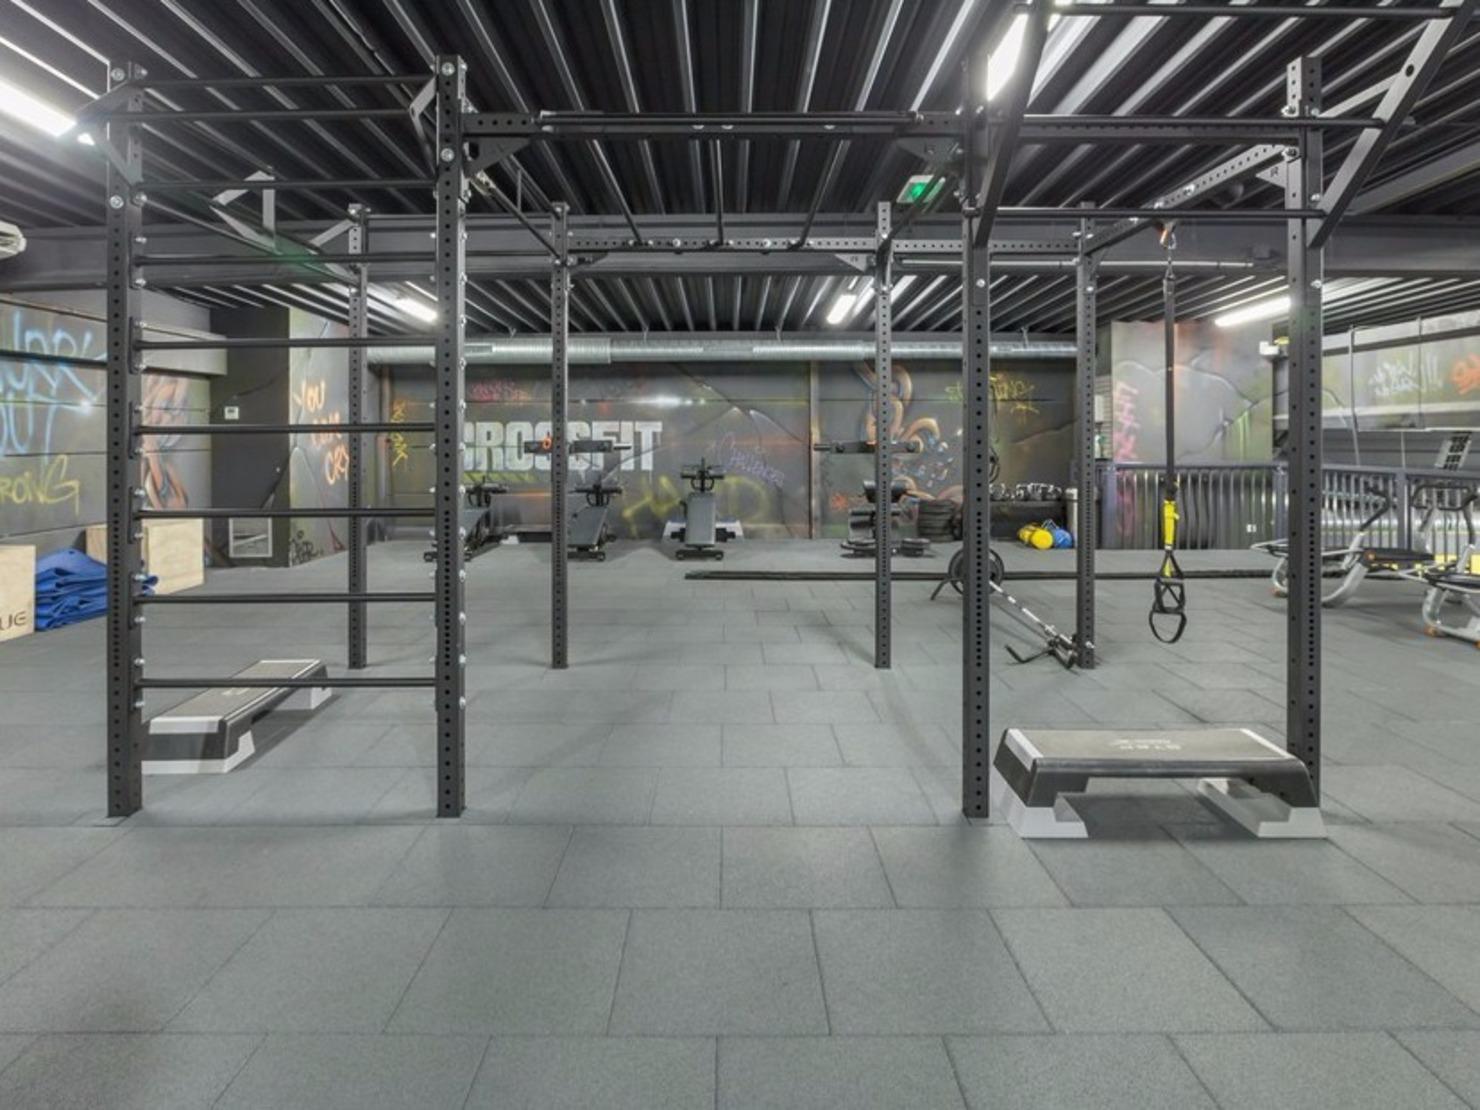 Les 1 salles de sport de Drancy sont à votre service et vous proposent par ex. de faire du sport en intérieur. Avec un complexe sportif pour Drancéens, et vous réussirez sans mal à trouver un salle de sport pour suivre des cours de danse.